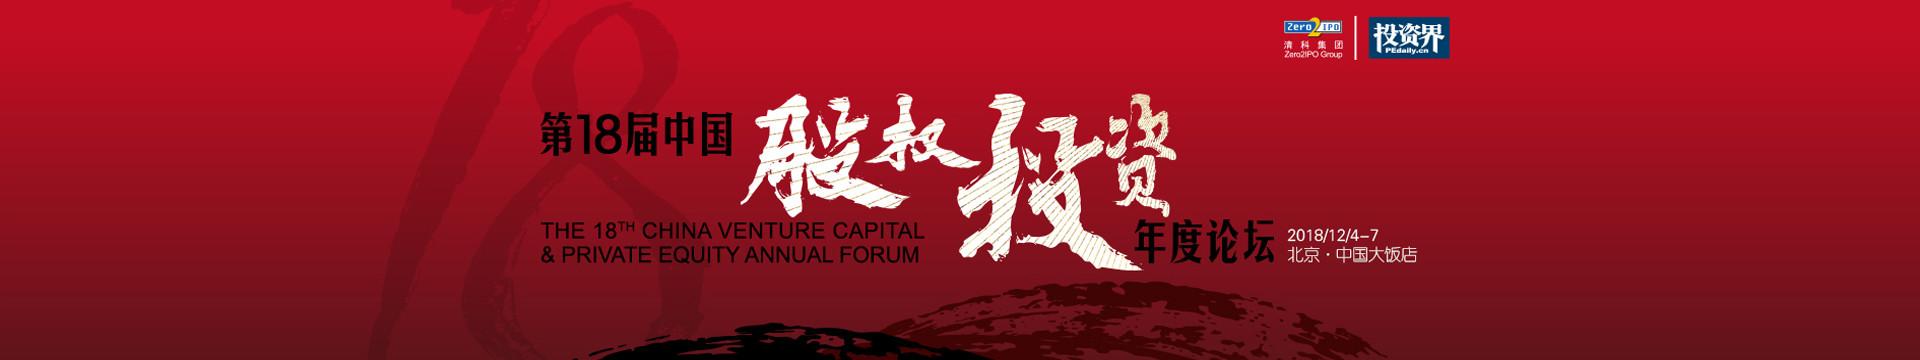 第十八届中国股权投资年度论坛2018北京